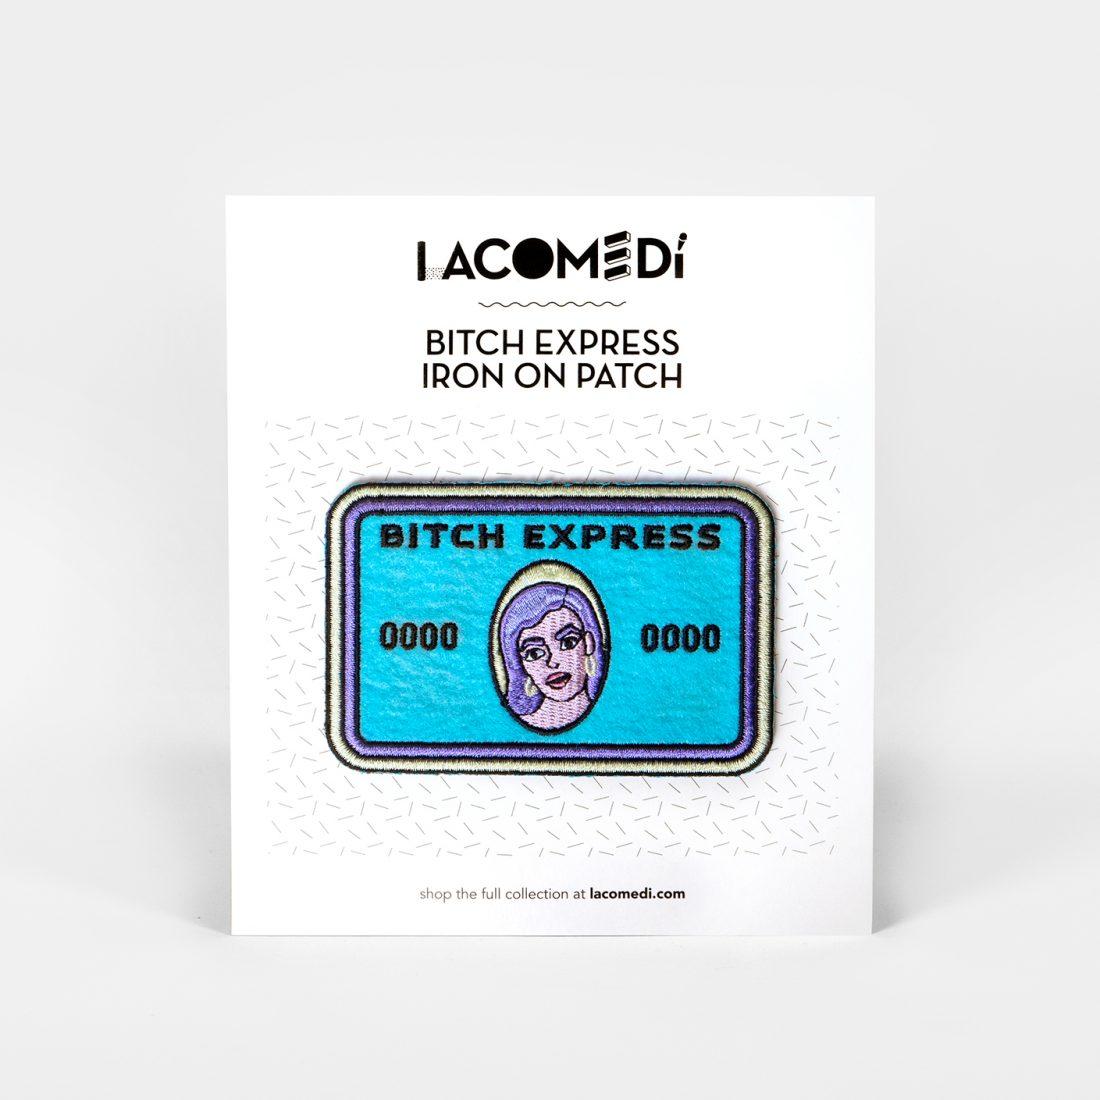 Bitch Express Patch by La Come Di